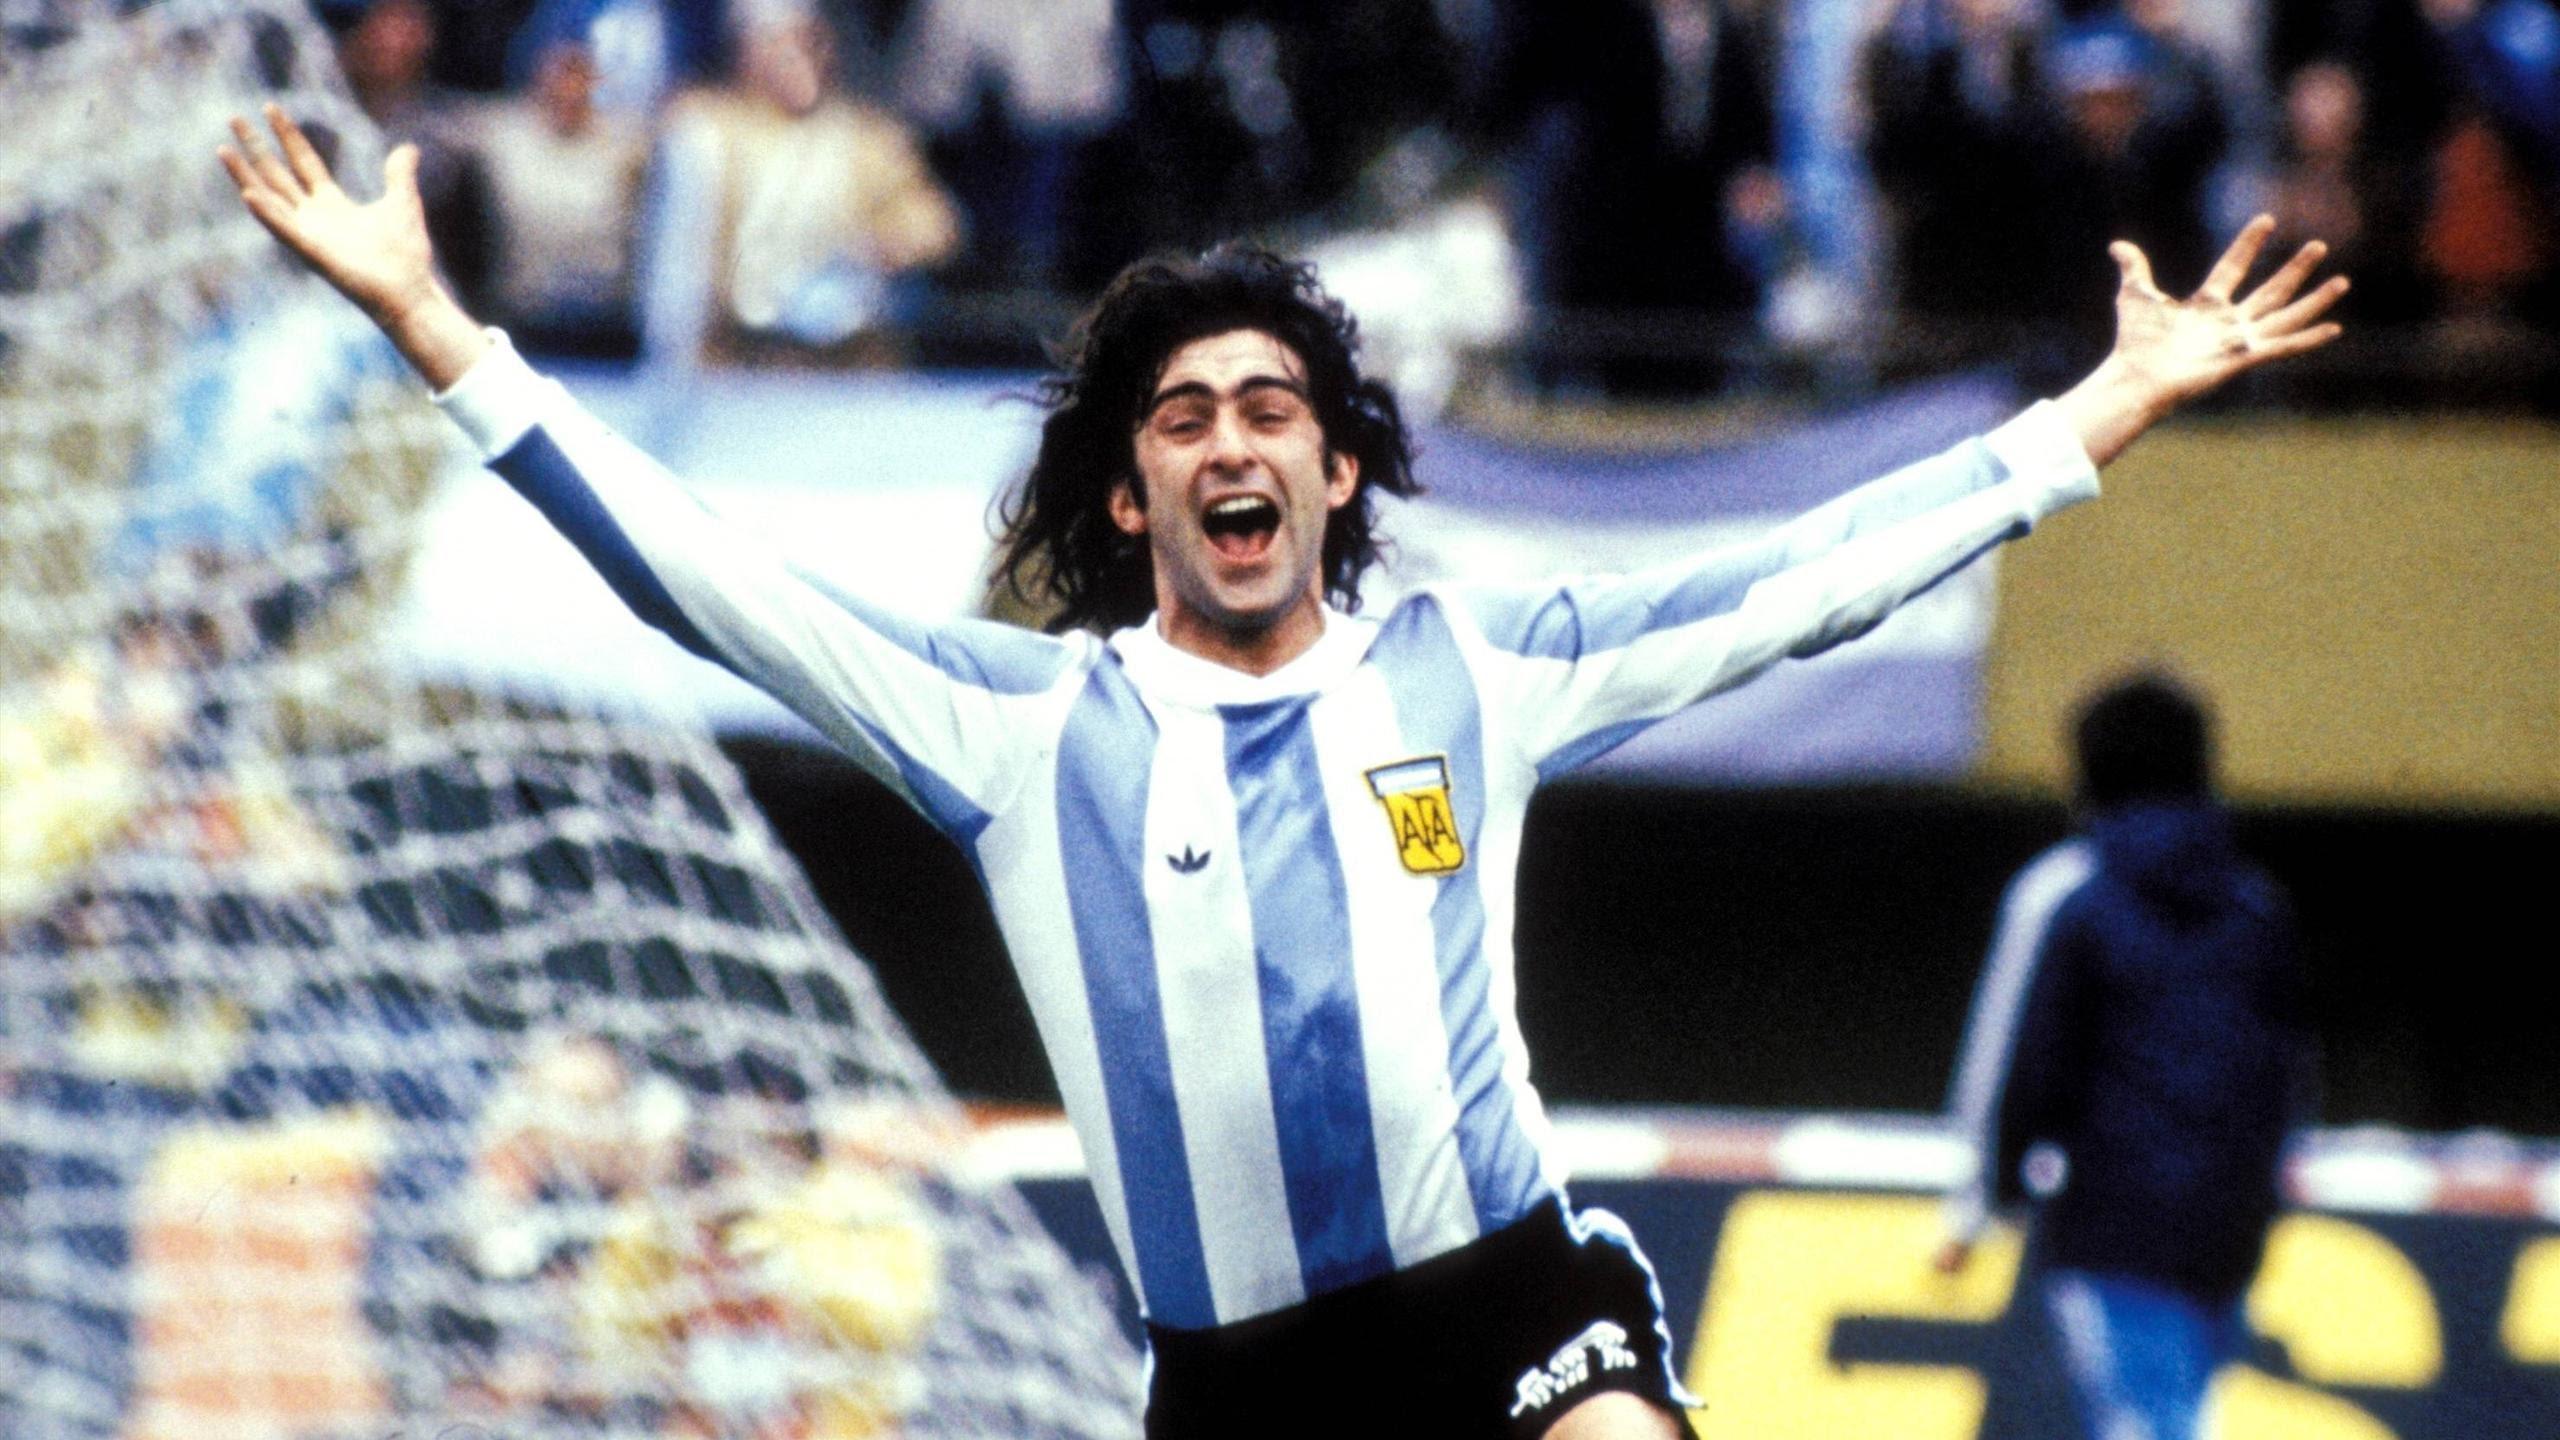 Αργεντινή 1978: Το πιο αμφιλεγόμενο Παγκόσμιο Κύπελλο - Sportime.GR